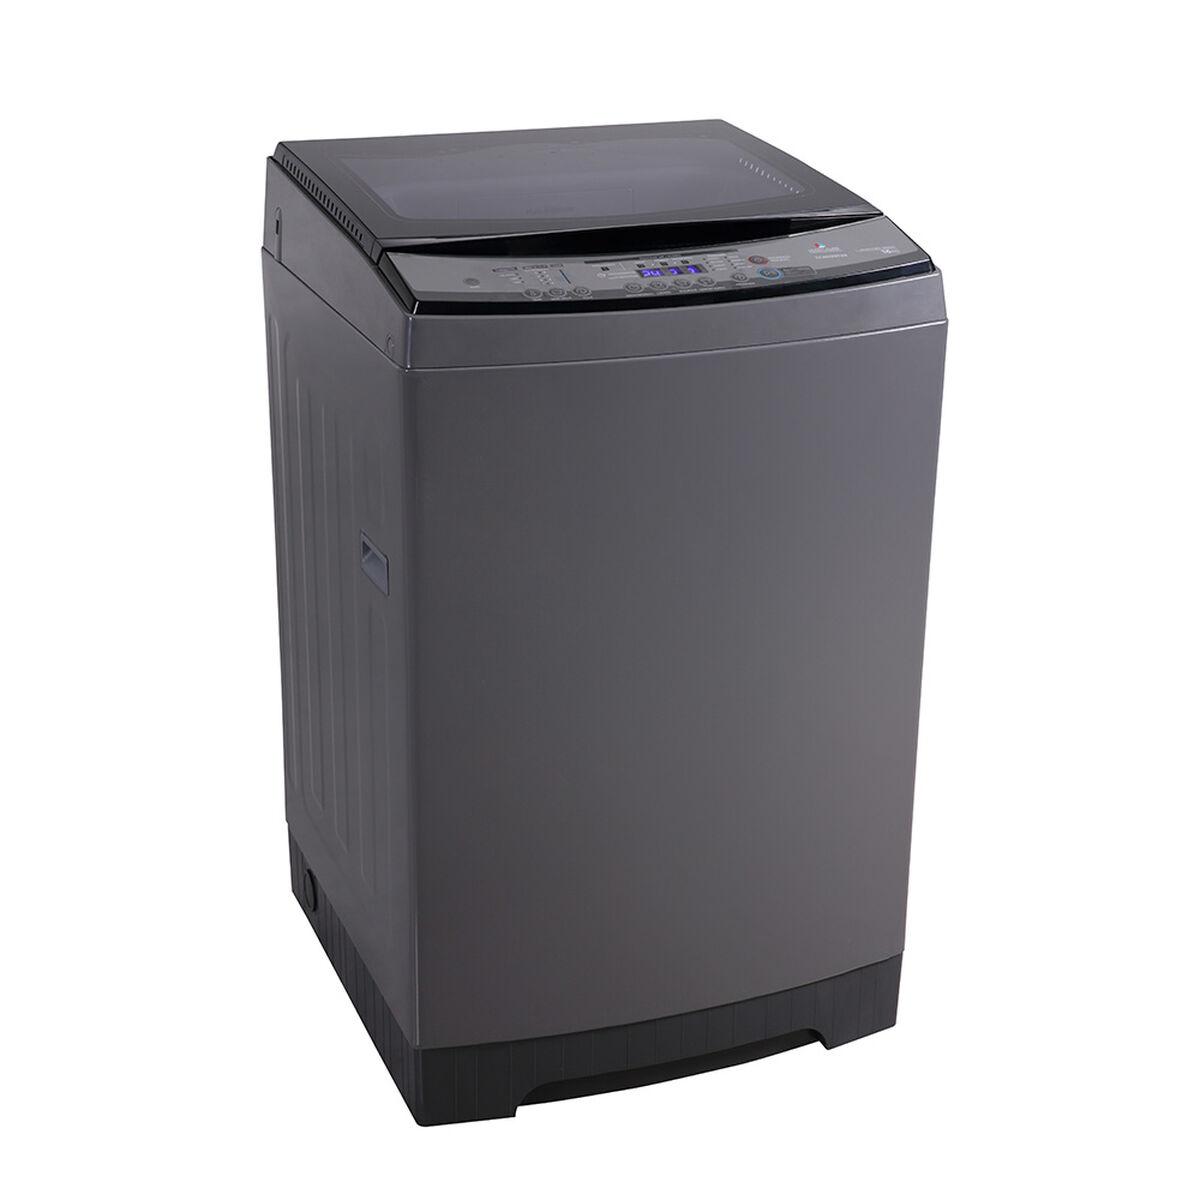 Lavadora Automática Midea Inverter MLS-160G03I 16kg